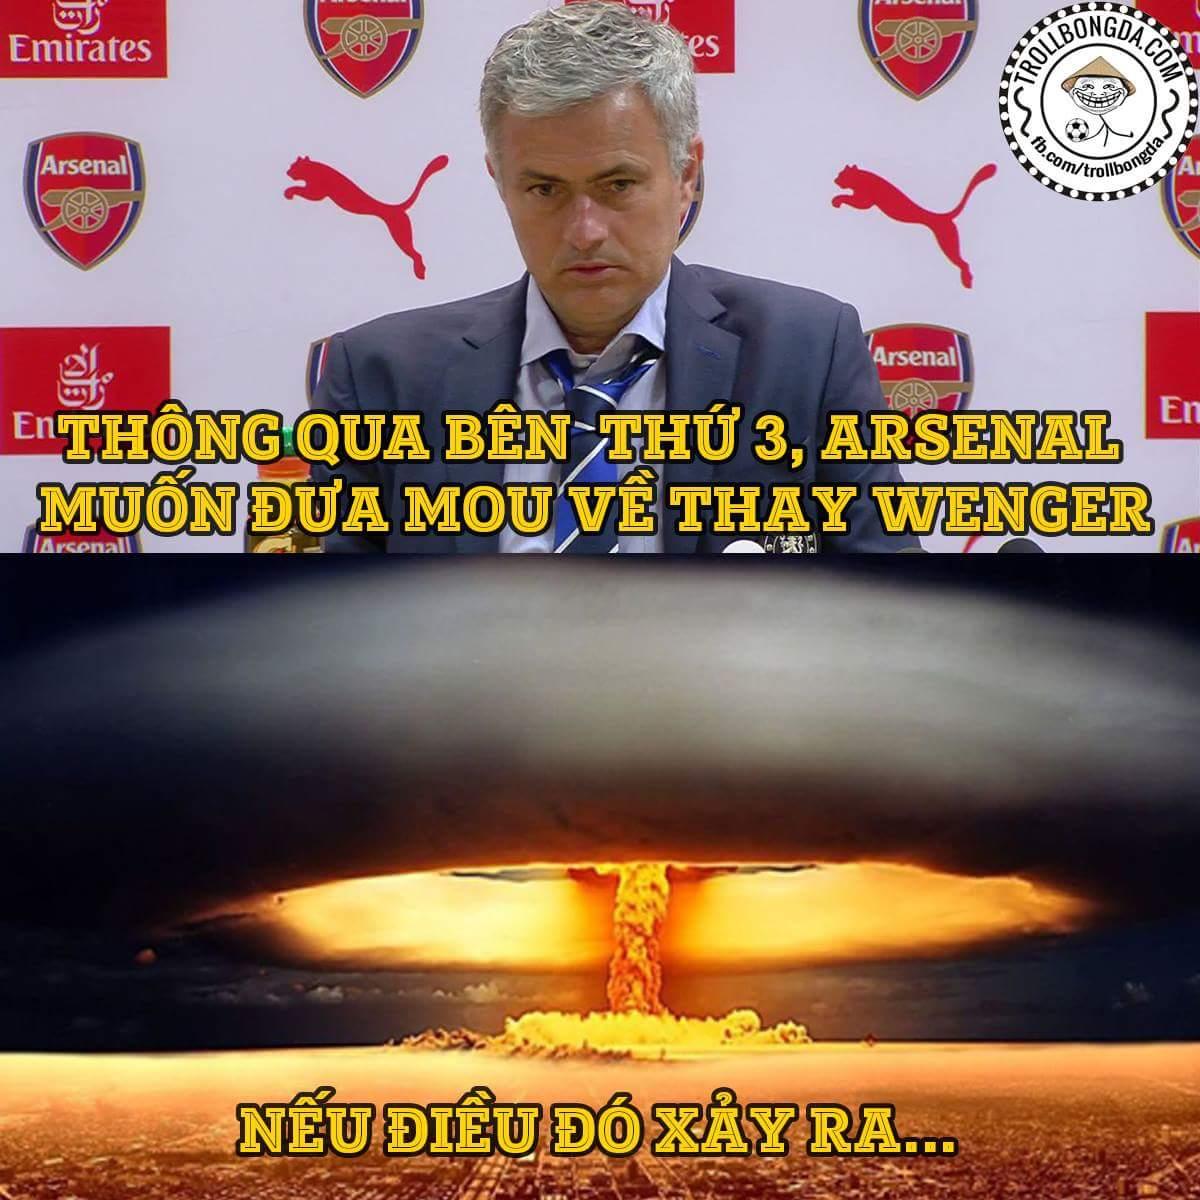 Arsenal đã tiếp cận Mou từ đầu tháng 3